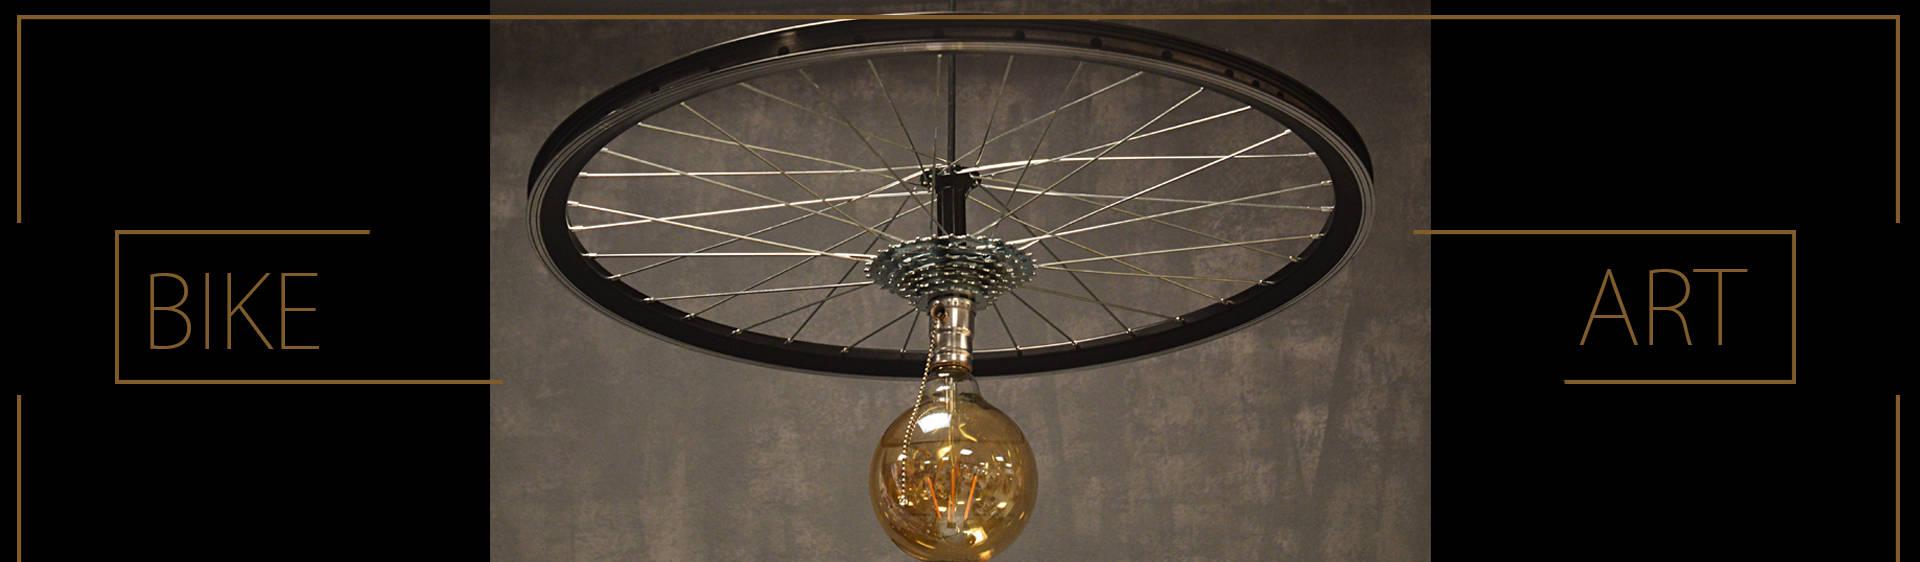 Bikes Bazaar